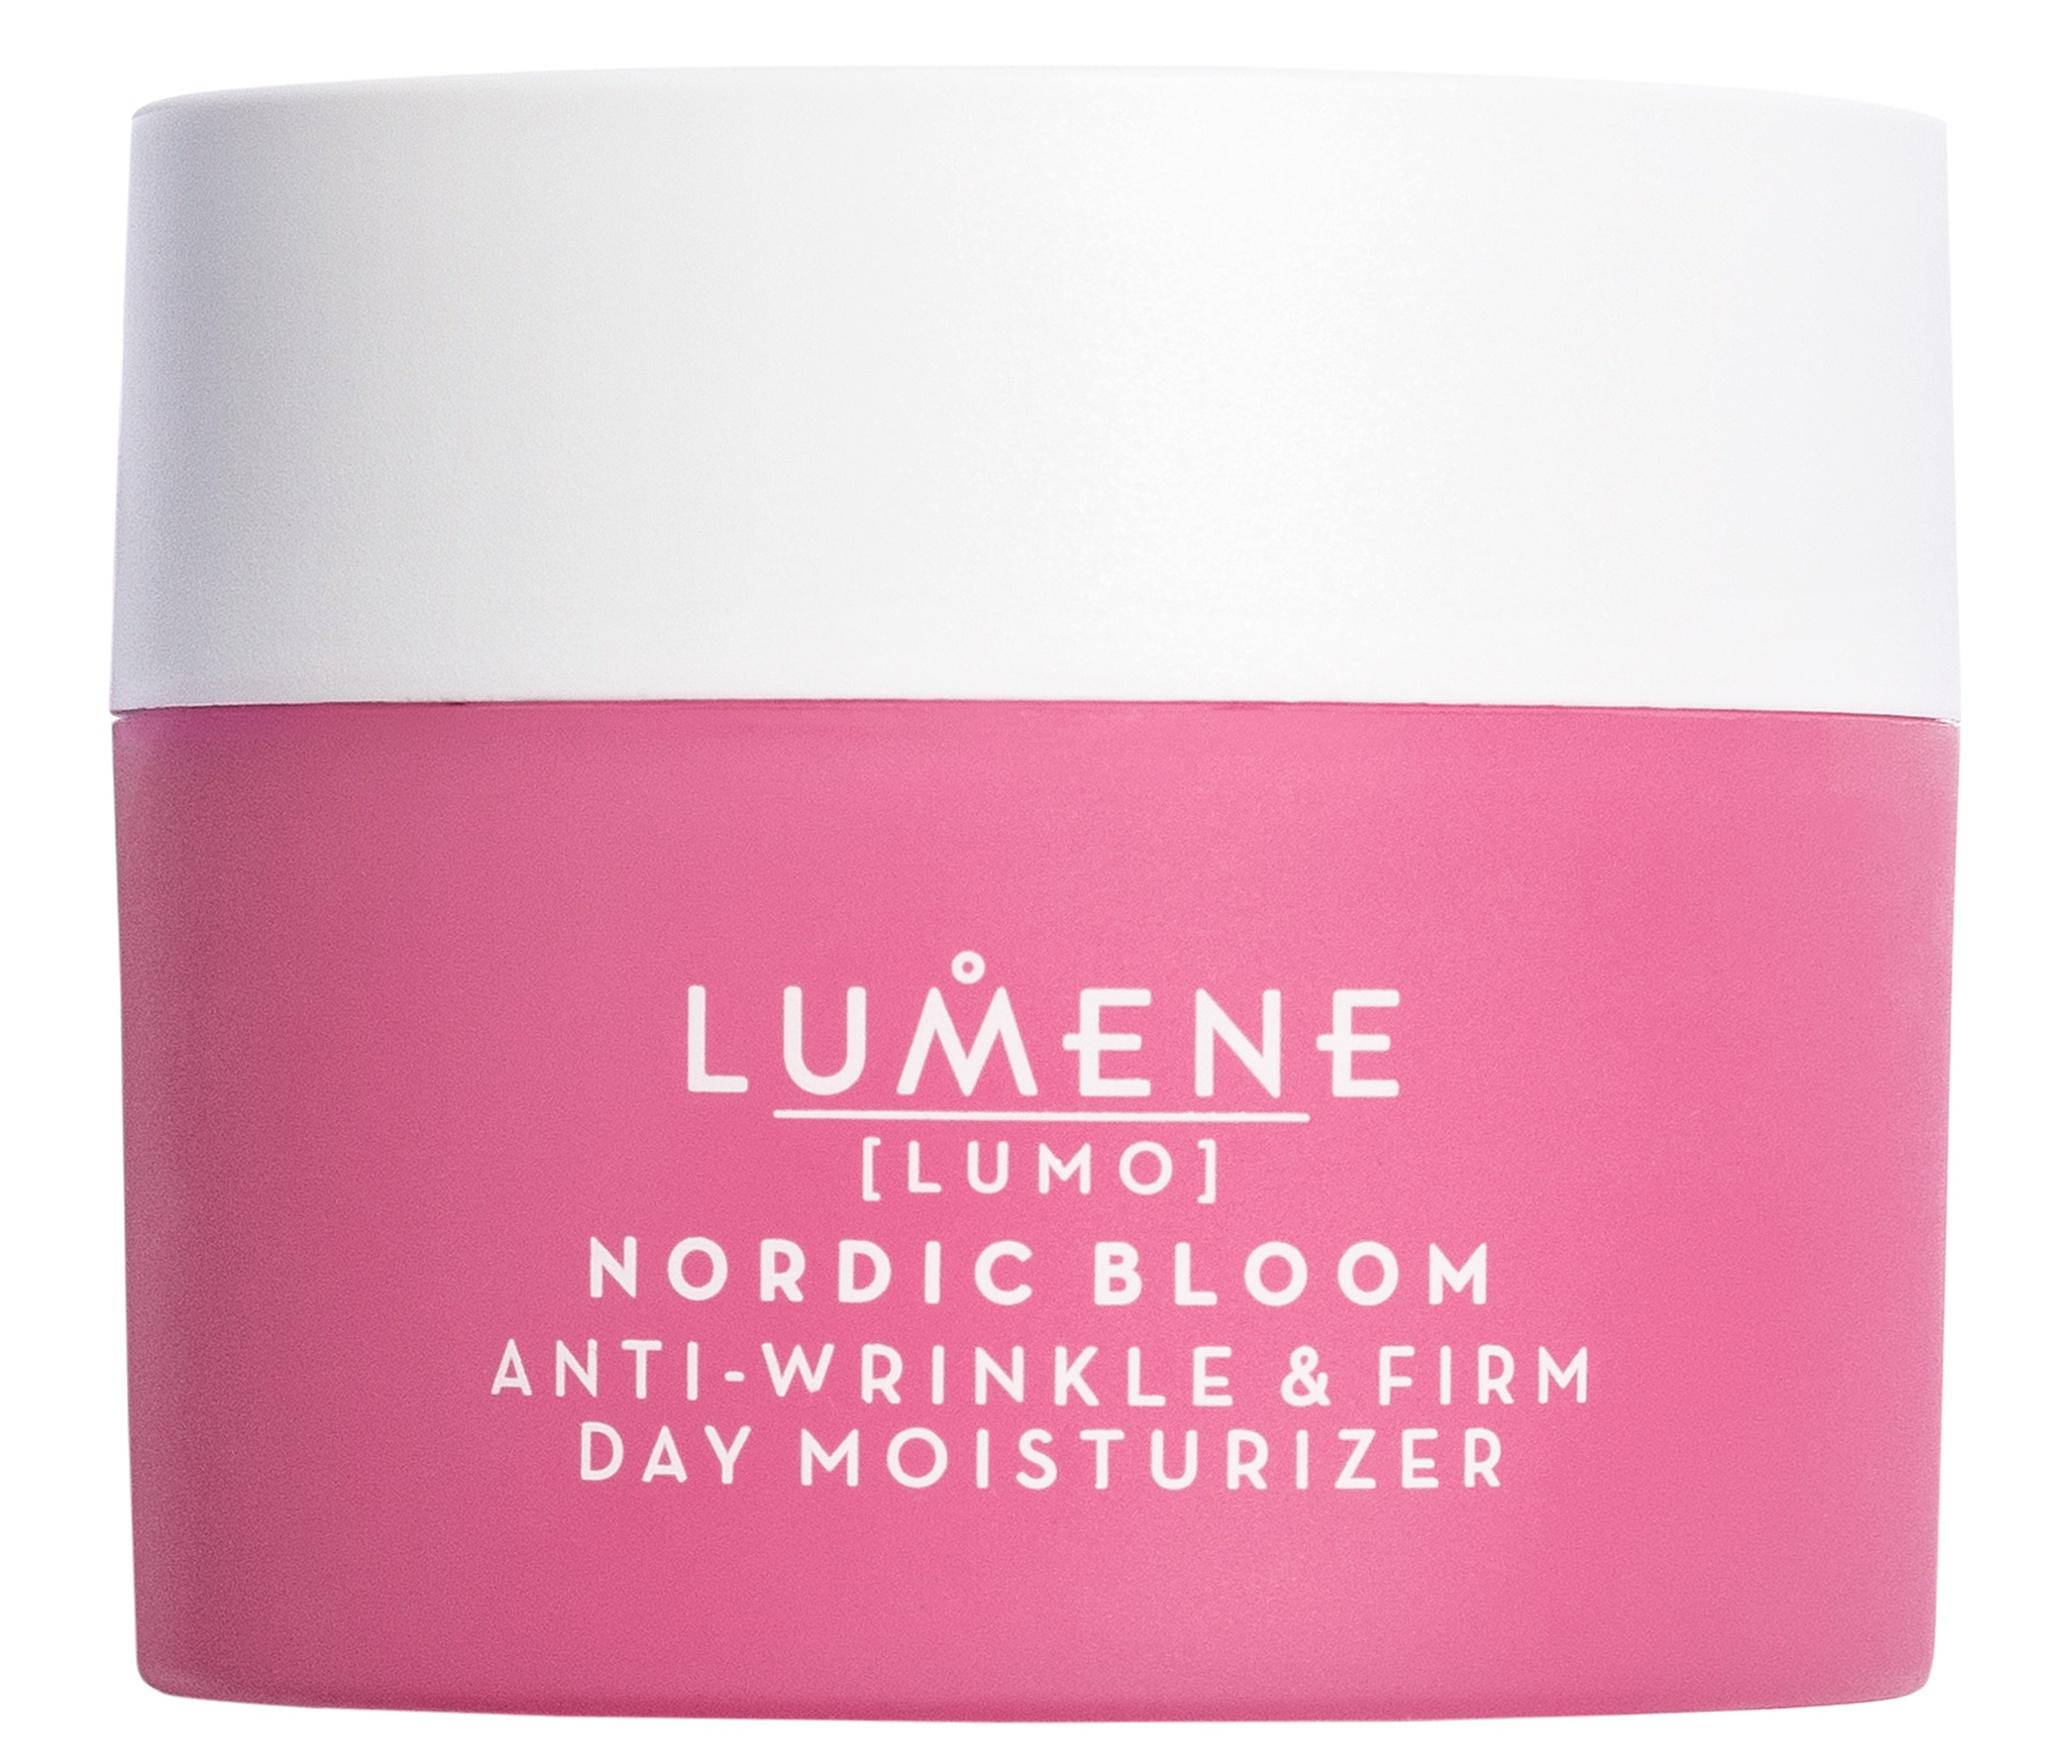 Lumene Anti-Wrinkle & Firm Day Moisturizer